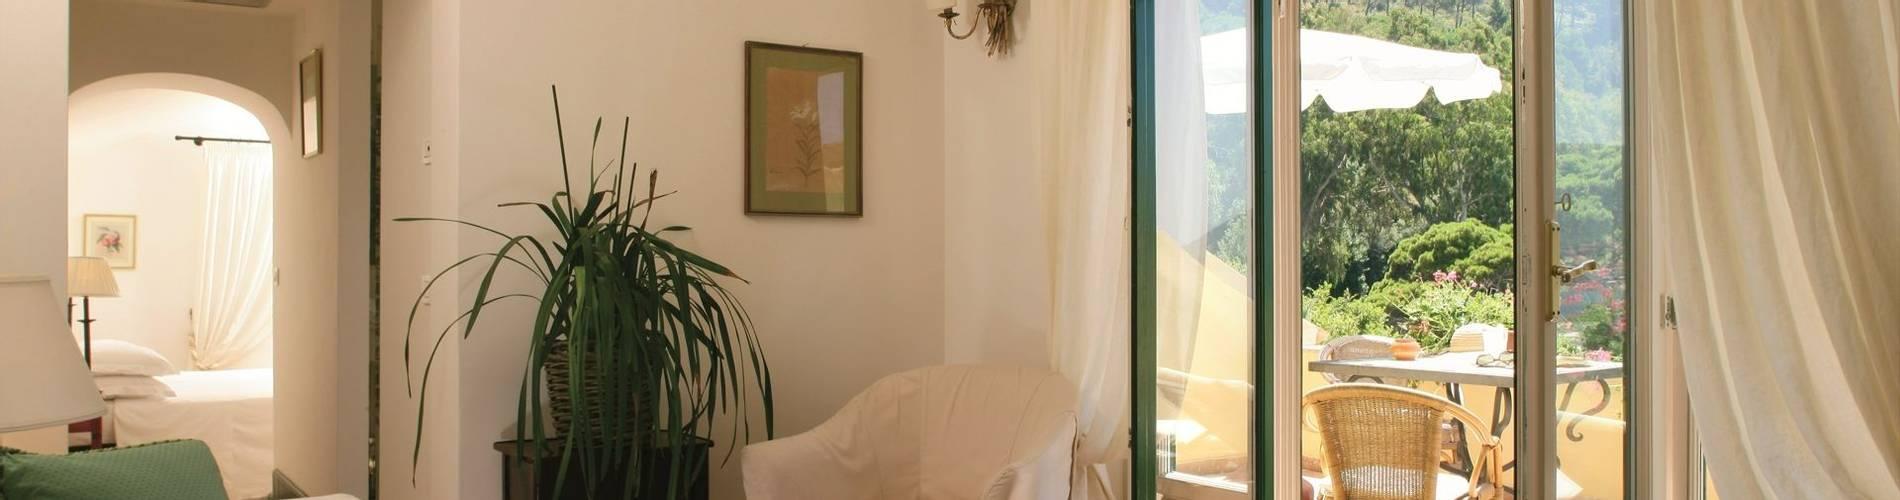 Palazzo Belmonte 21.jpg